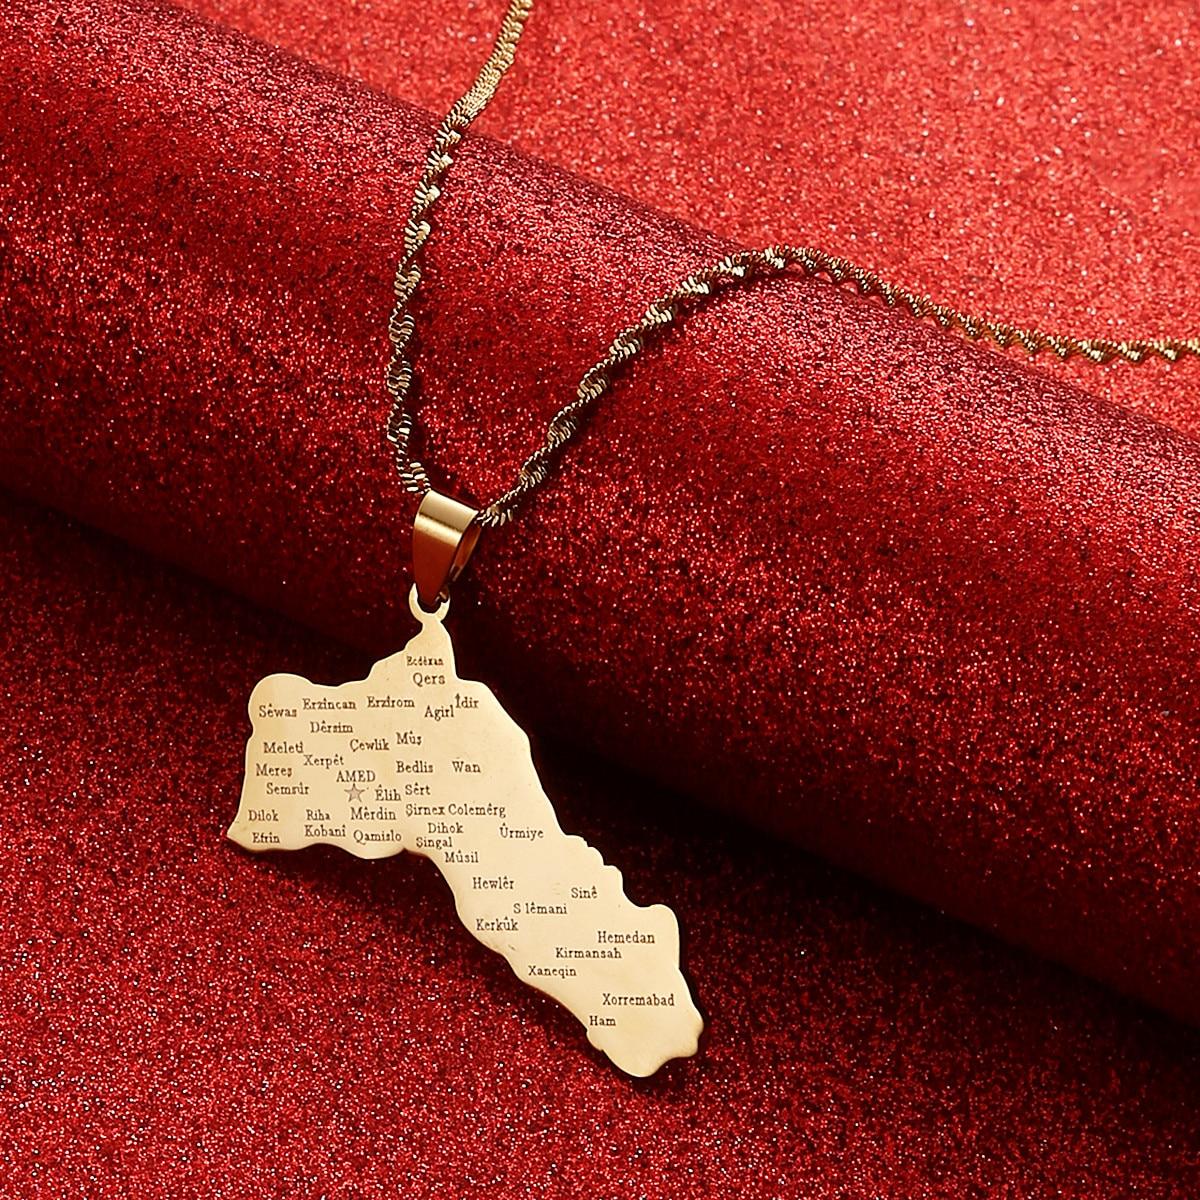 Кулон из нержавеющей стали золотого и серебряного цвета с картой Курдистана, ожерелья с подвеской в виде курдского флага ювелирные изделия ...